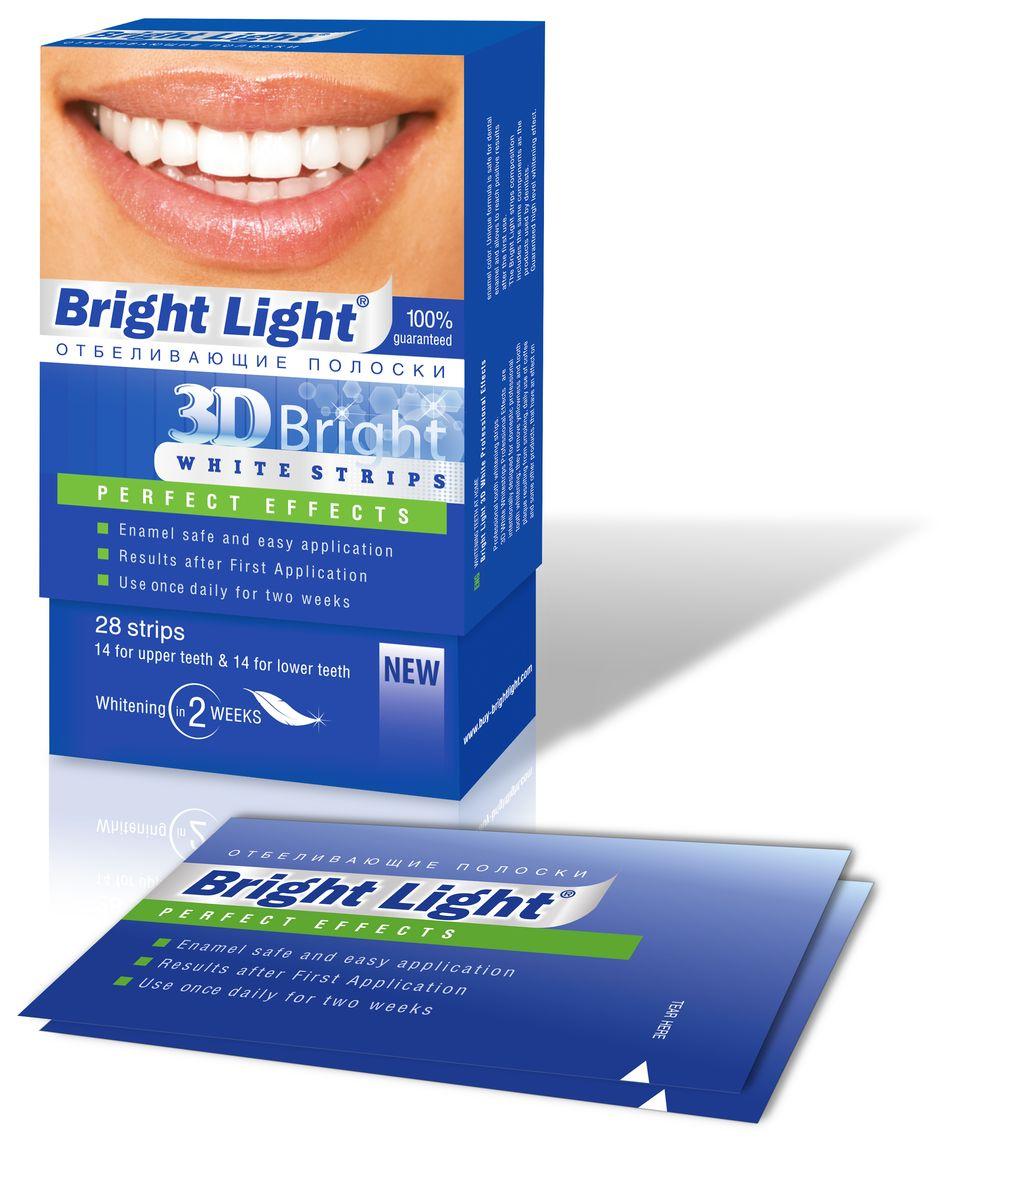 Отбеливающие полоски для зубов Bright Light 3D Bright Perfect Effects, для чувствительных зубовPro-2Отбеливающие полоски Bright Light 3D Bright PERFECT EFFECTS -для отбеливания зубов с повышенной чувствительностью в домашних условиях, удаляют желтизну и зубной налет, образующийся от курения, частого употребления кофе и других продуктов, влияющих на цвет эмали. Эффект высокого уровня отбеливания гарантирован! Bright Light идеально точно повторяют уникальную форму ваших зубов, обеспечивая надёжный контакт отбеливающего состава с их поверхностью. Отбеливающие полоки Bright Light эффективно работают над белоснежностью вашей улыбки. Гель воздействует на эмаль очень бережно и деликатно. Постепенно исчезают серый и желтый налет, пятна, зубы обретают здоровую белизну.